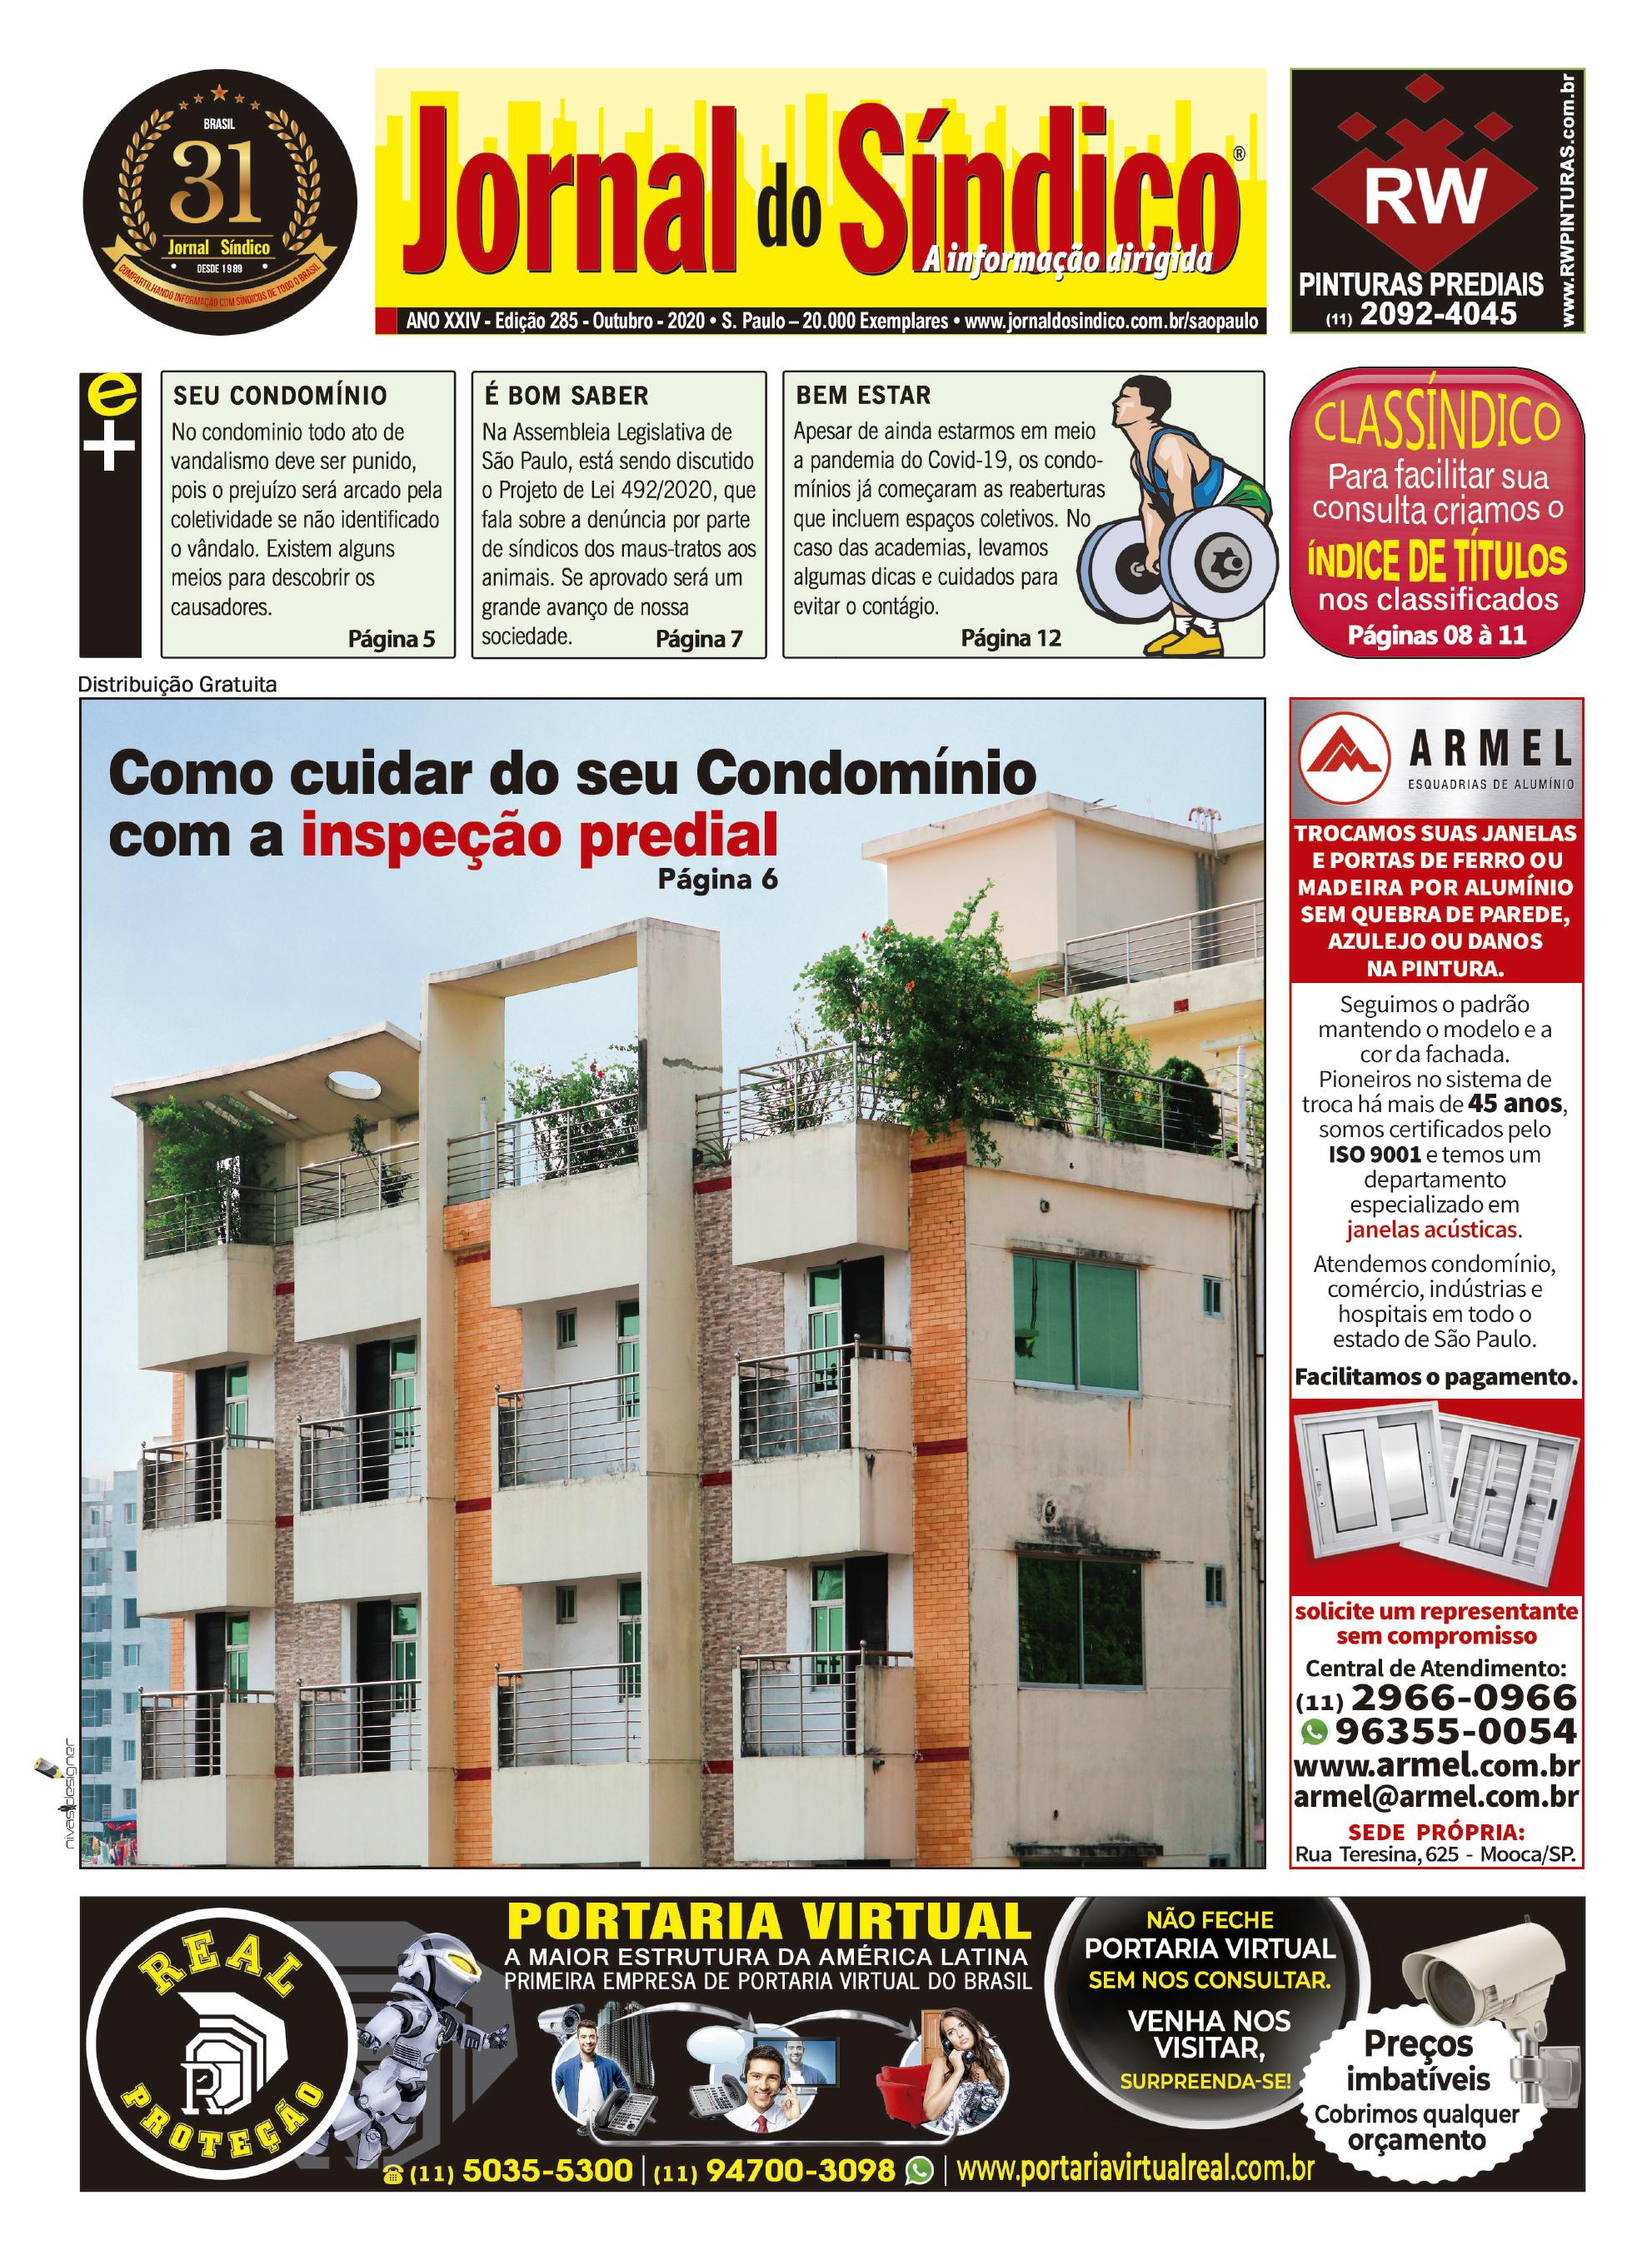 Jornal-Ediç 285 - Outubro 2020.indd